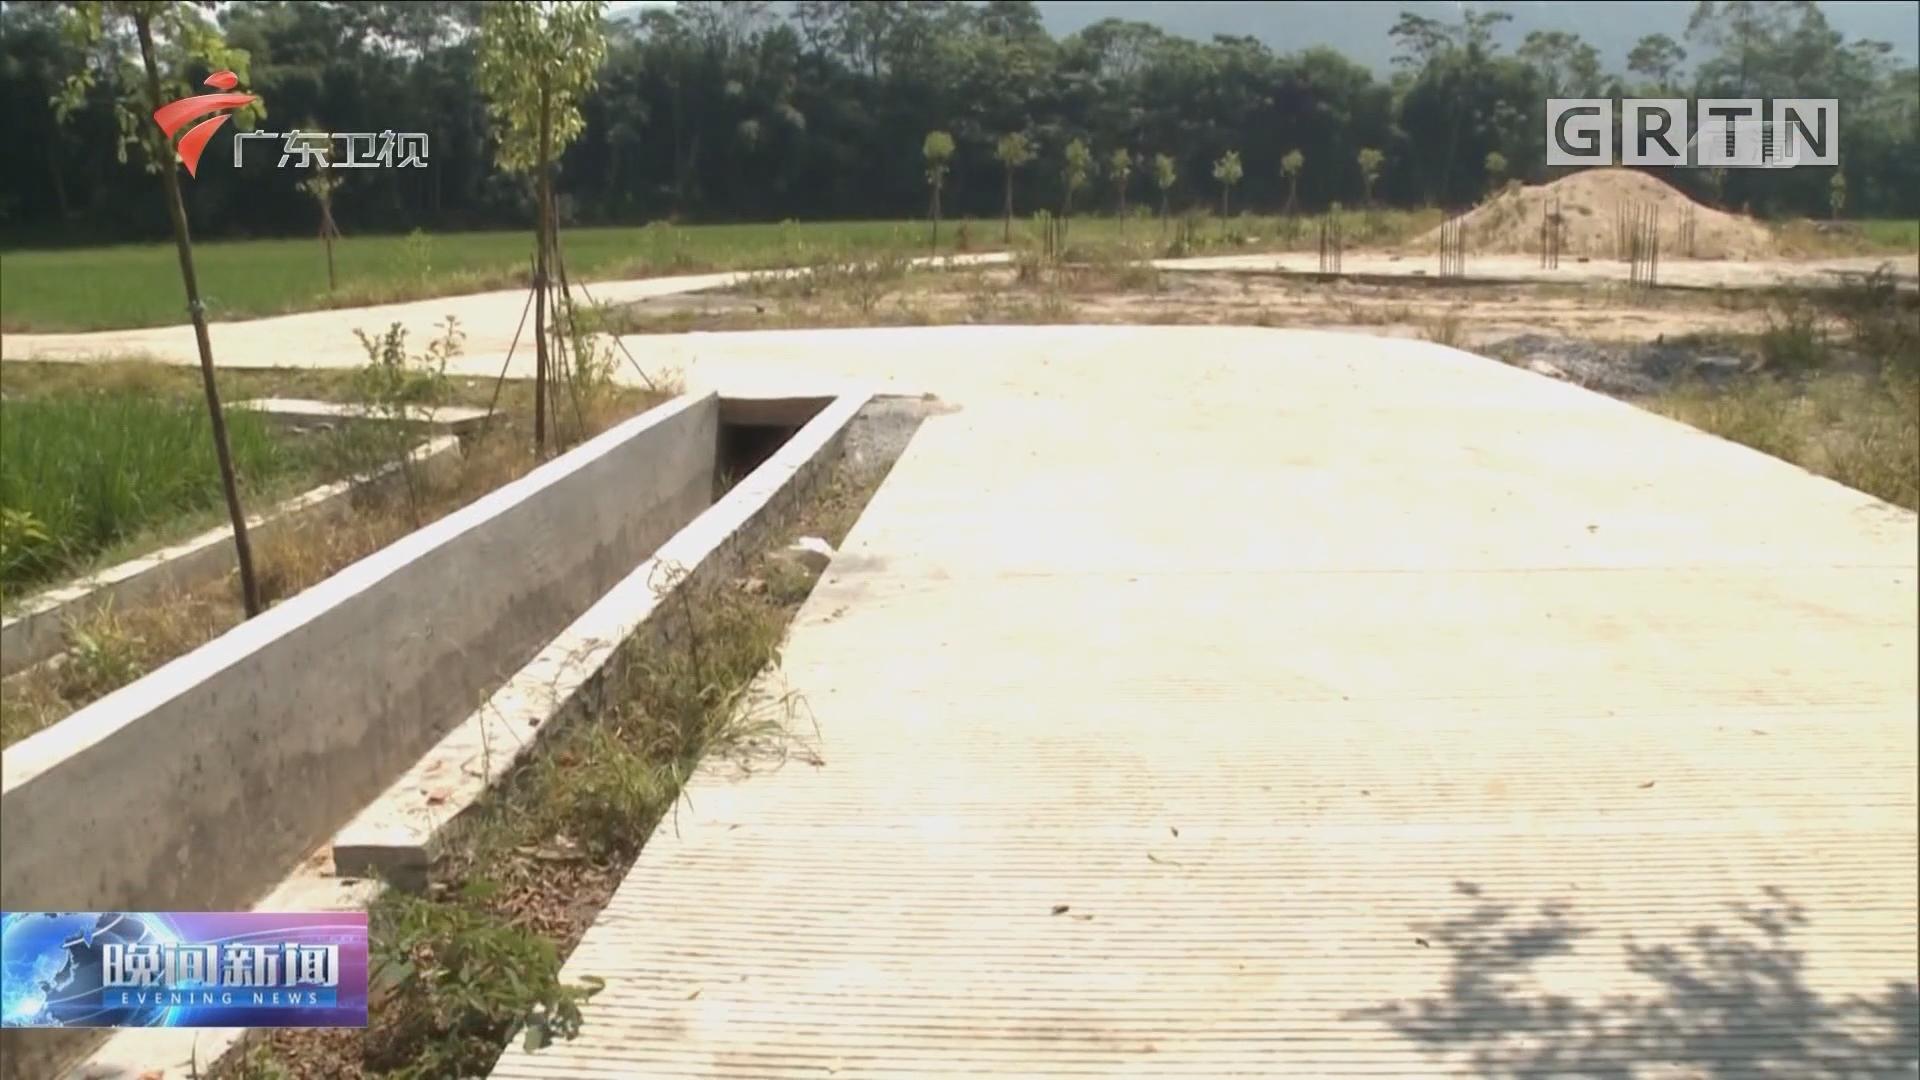 云浮:垦造水田奏凯歌 万亩旱地换新装